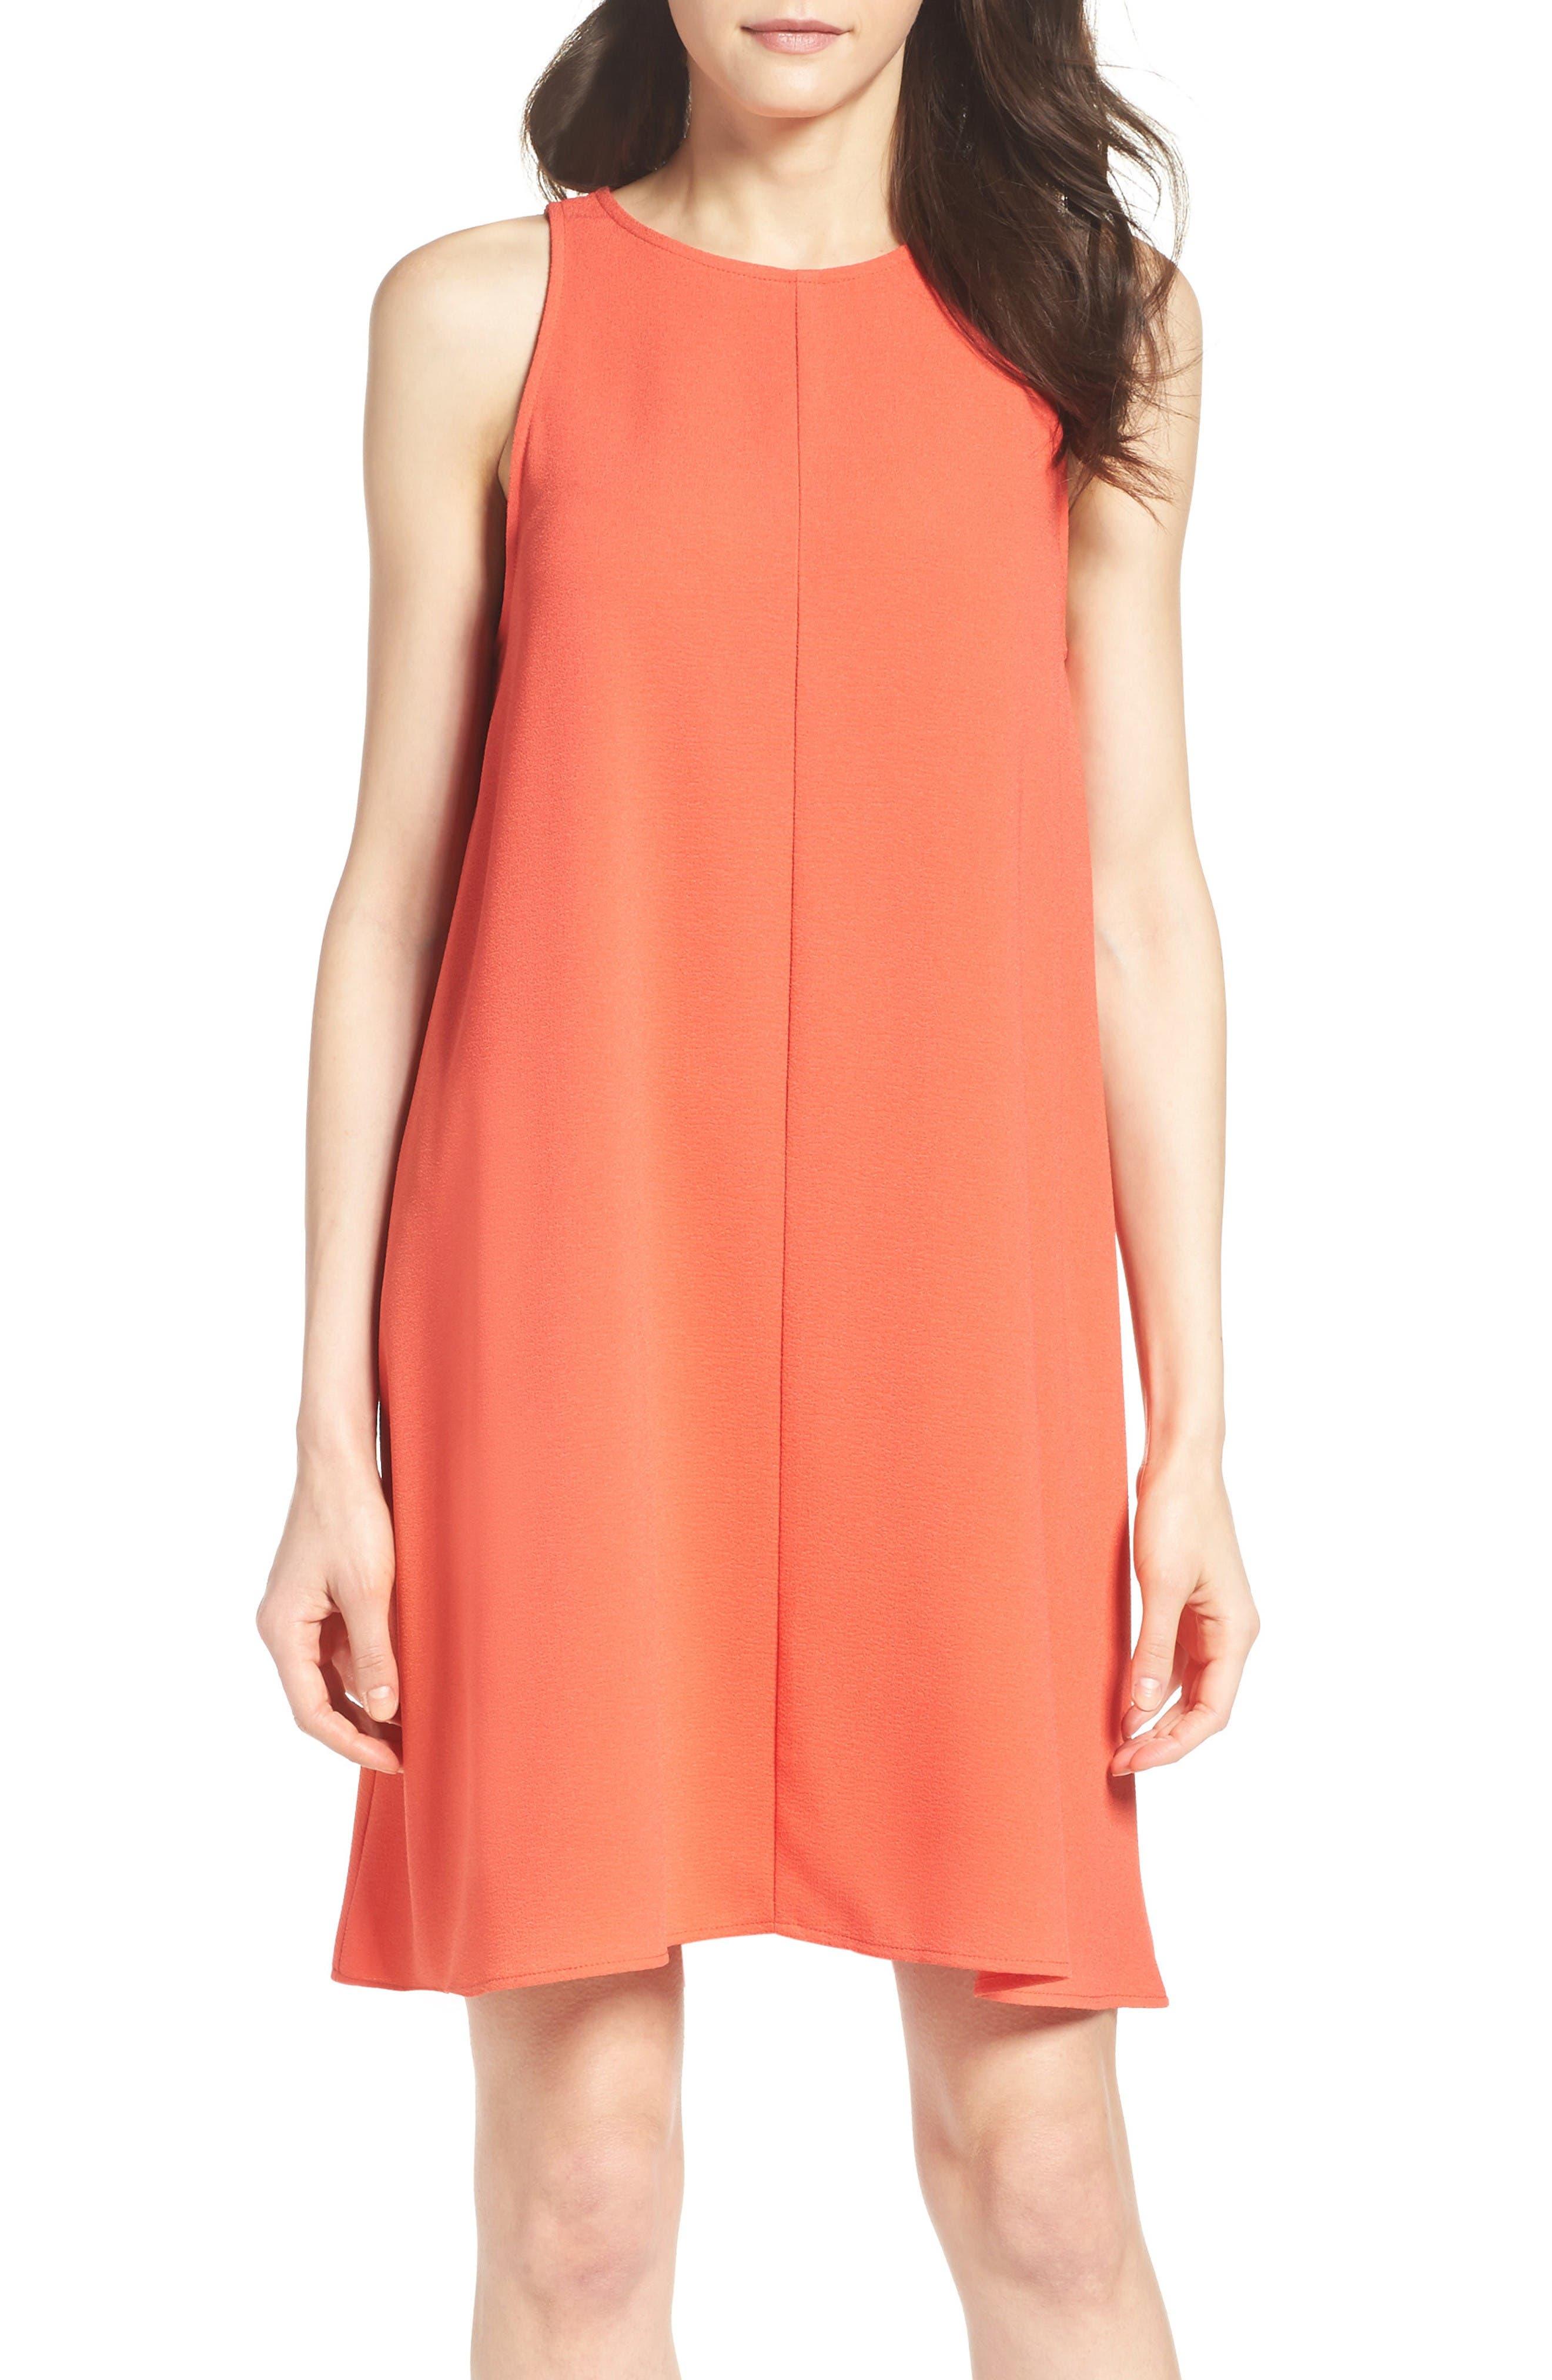 CHARLES HENRY Crepe Sleeveless Dress